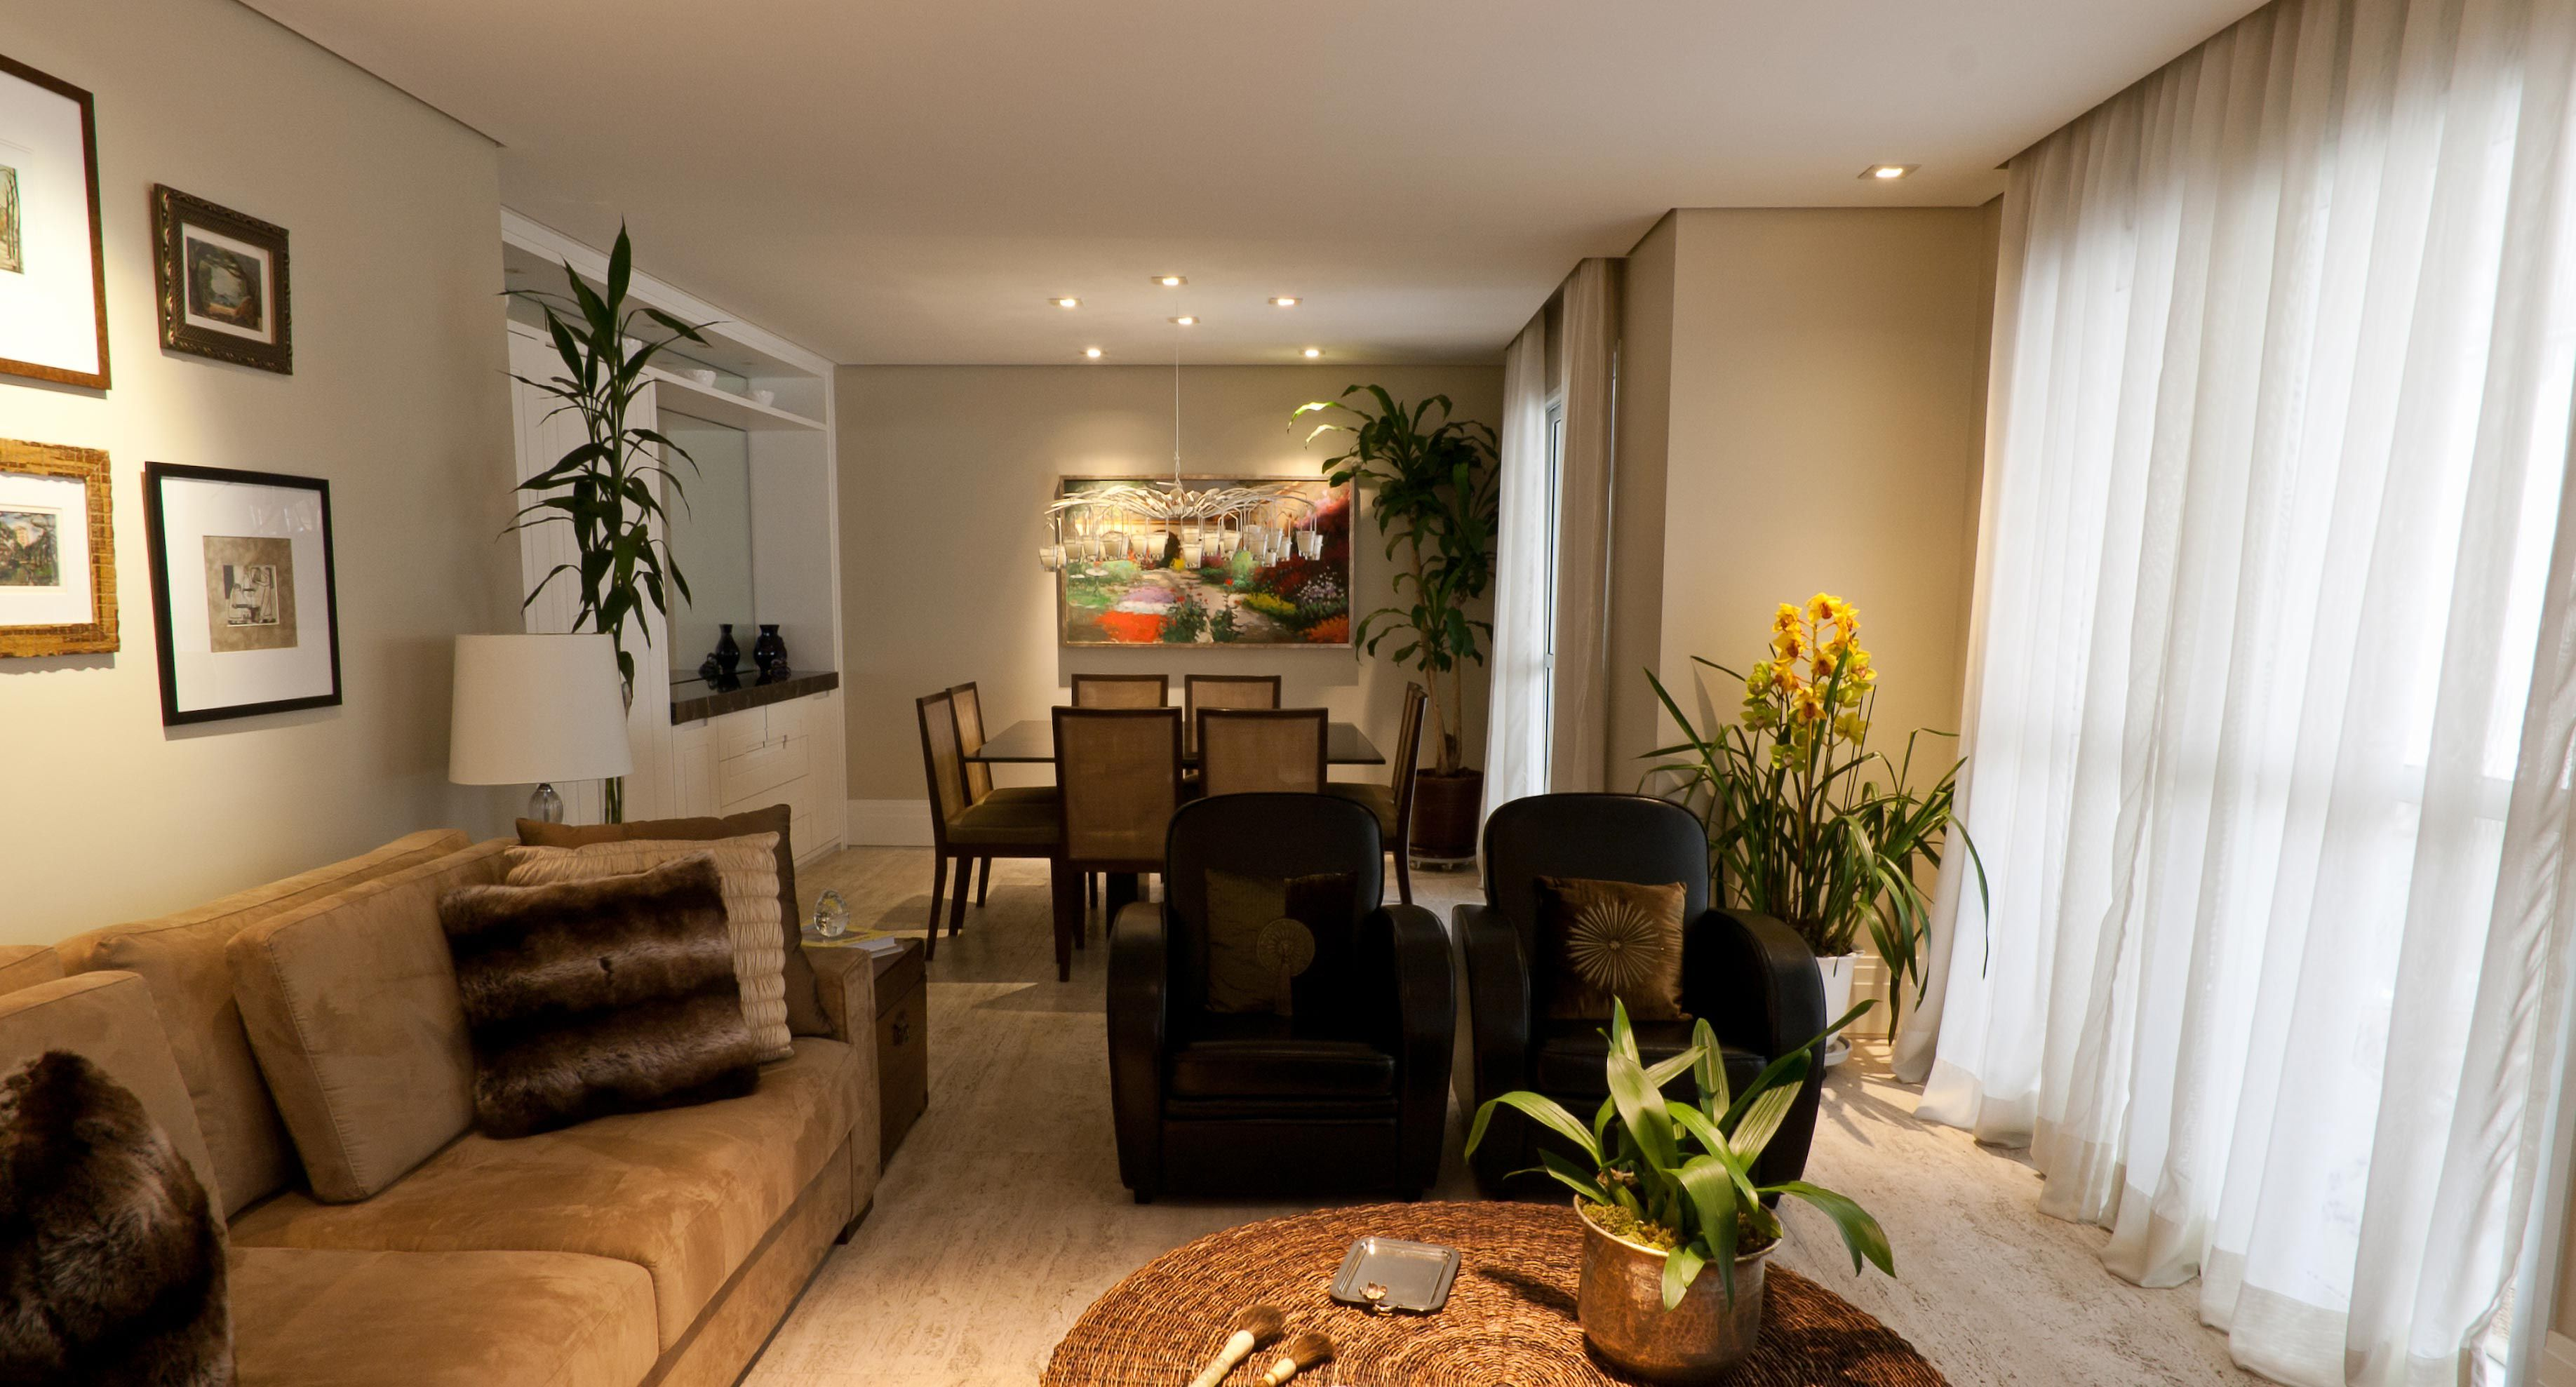 Ideias Para Decorar Sala Pesquisa Google Living E Salas Pinterest -> Sala De Estar Decorada Tok Stok